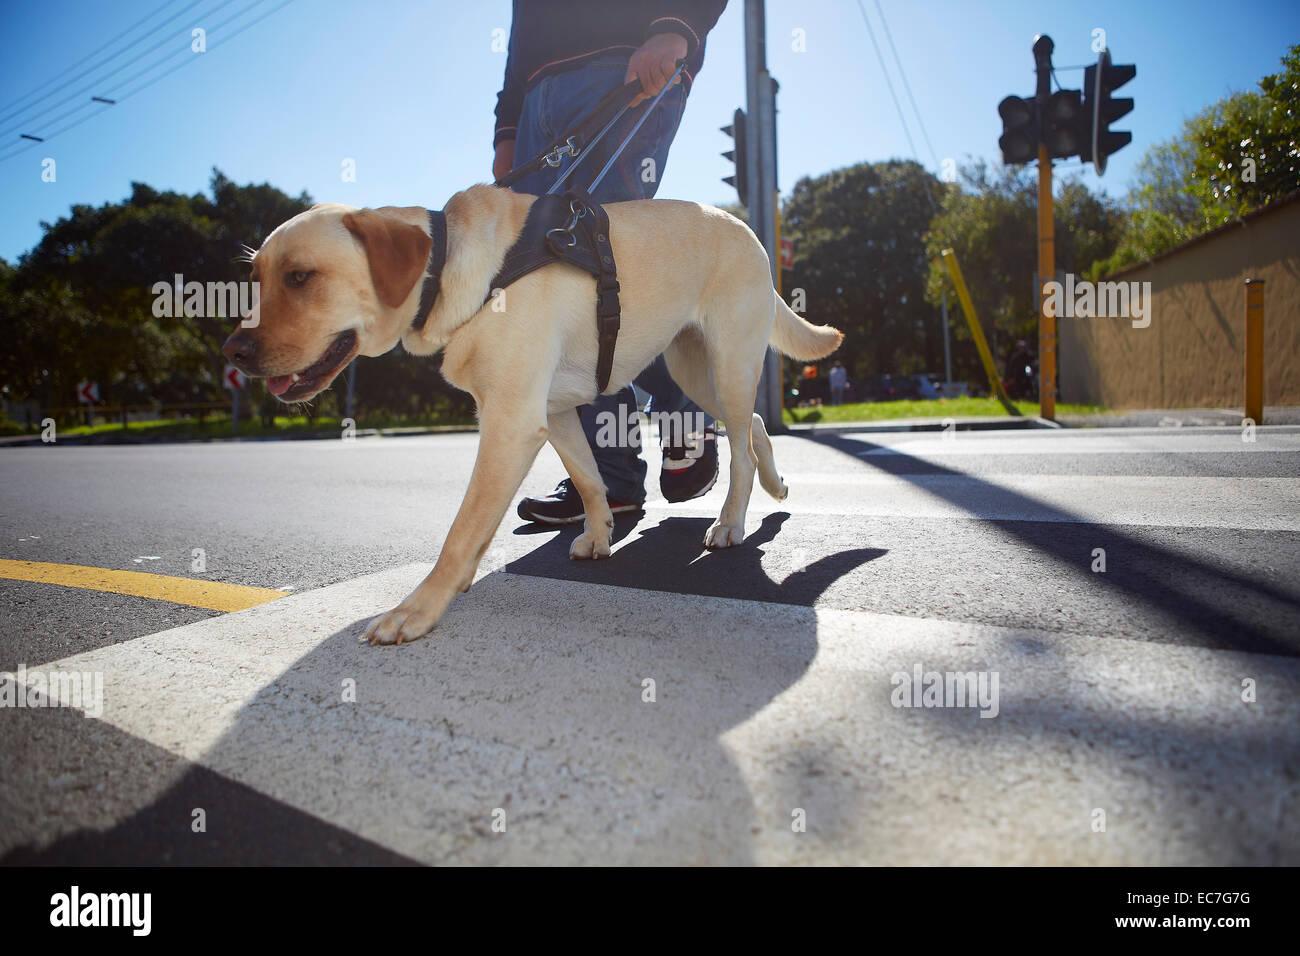 Invidentes hombre cruzando una calle con su perro guía Imagen De Stock